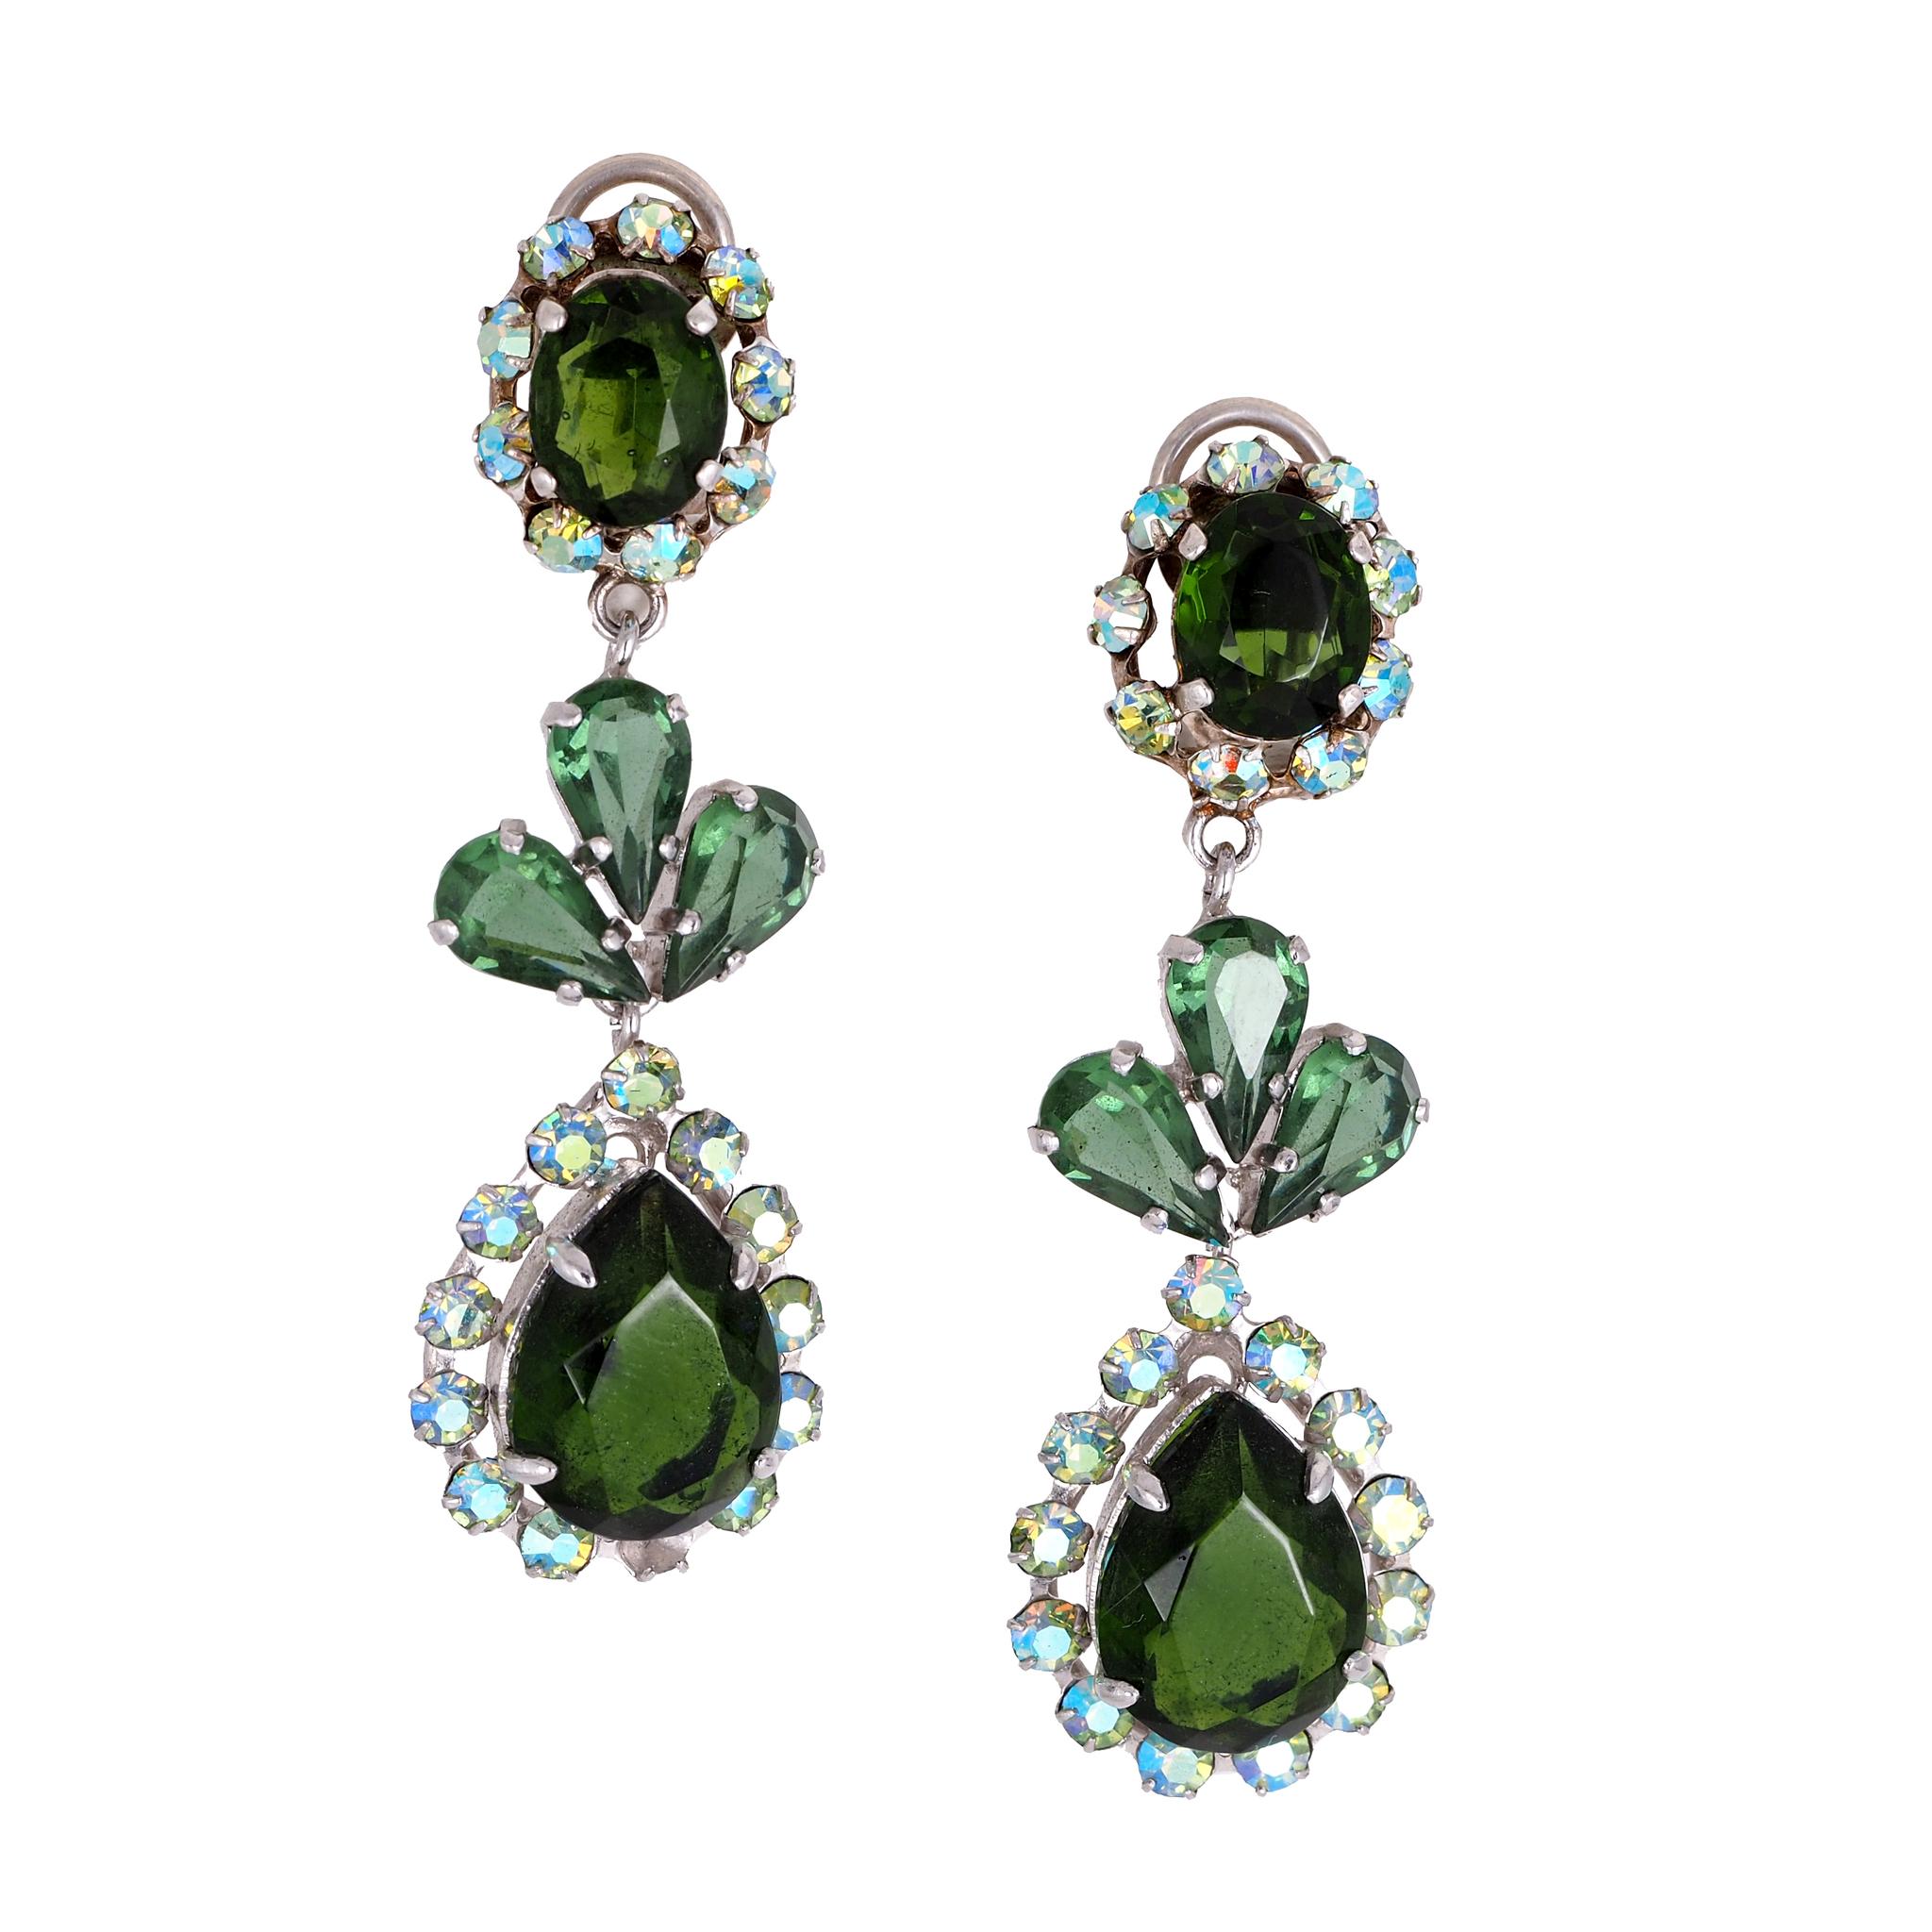 Клипсы Dior  в стиле украшений XVIII века, коллекция 1956 г.